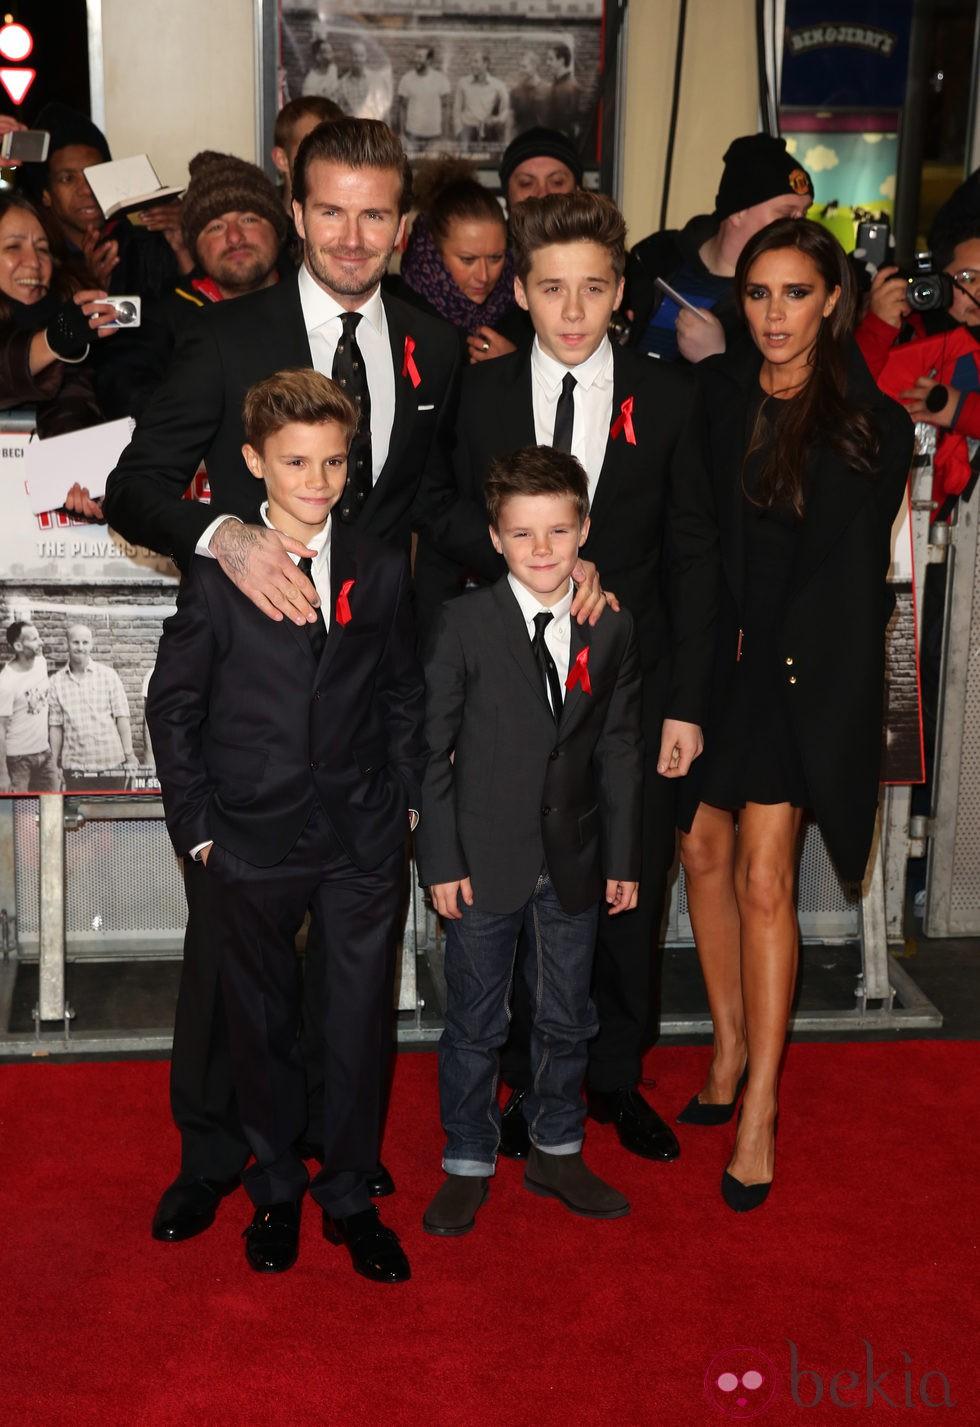 David y Victoria Beckham con sus hijos en el estreno de 'The Class of '92'